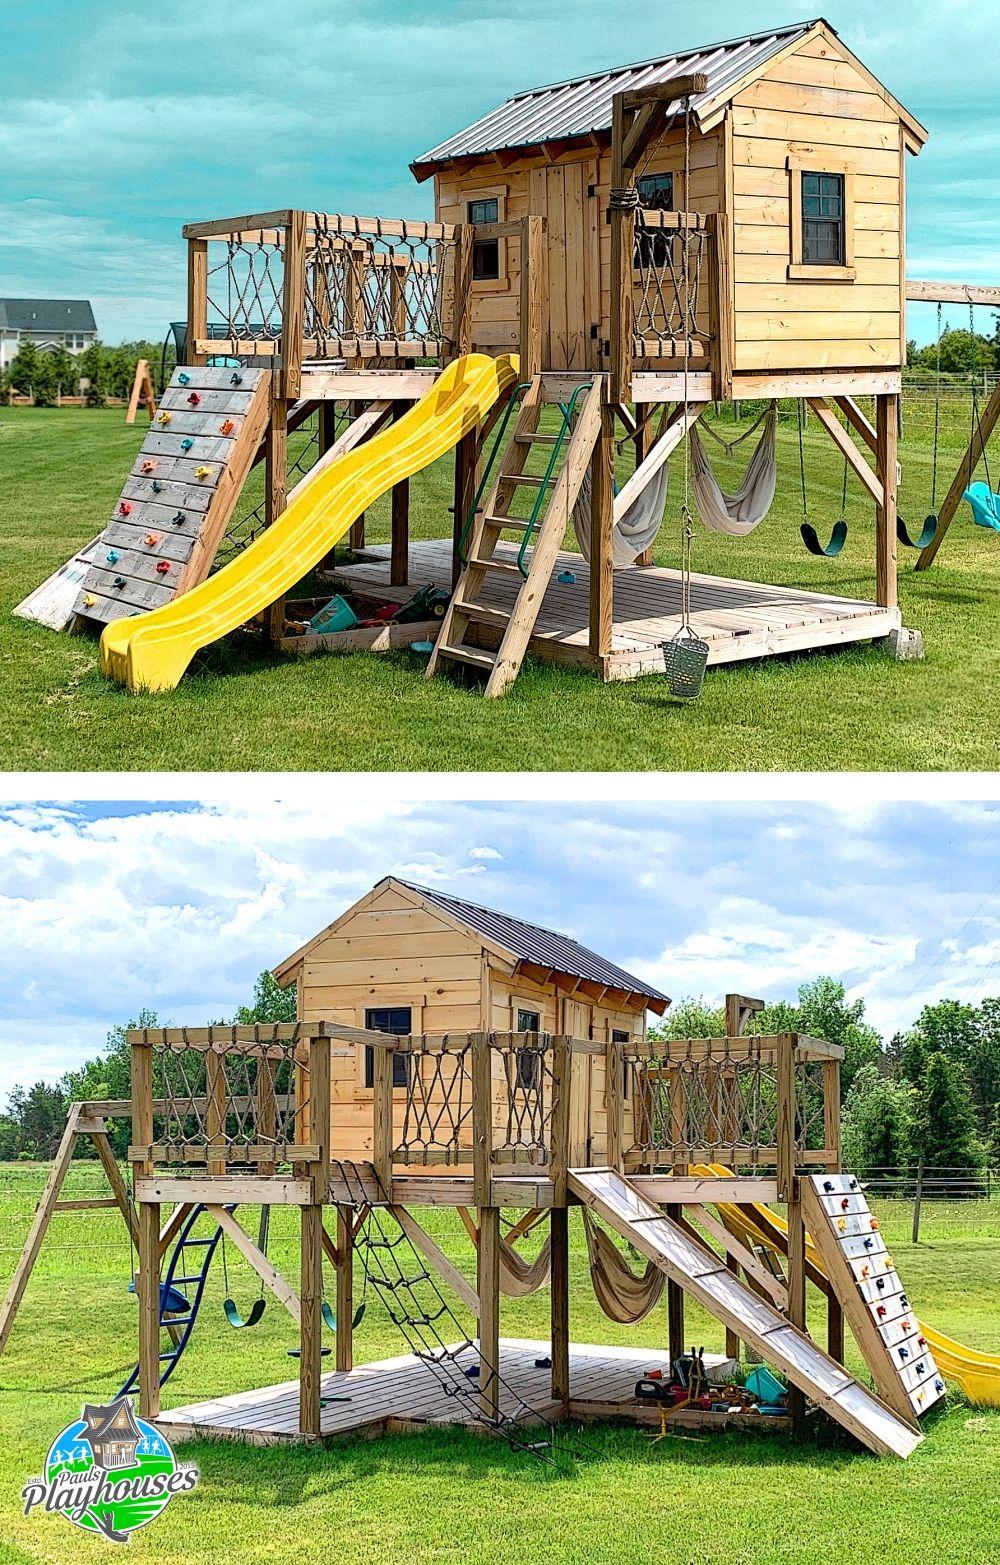 Playground Playhouse Plan 2 Sizes Cabane Bois Enfant Cabane